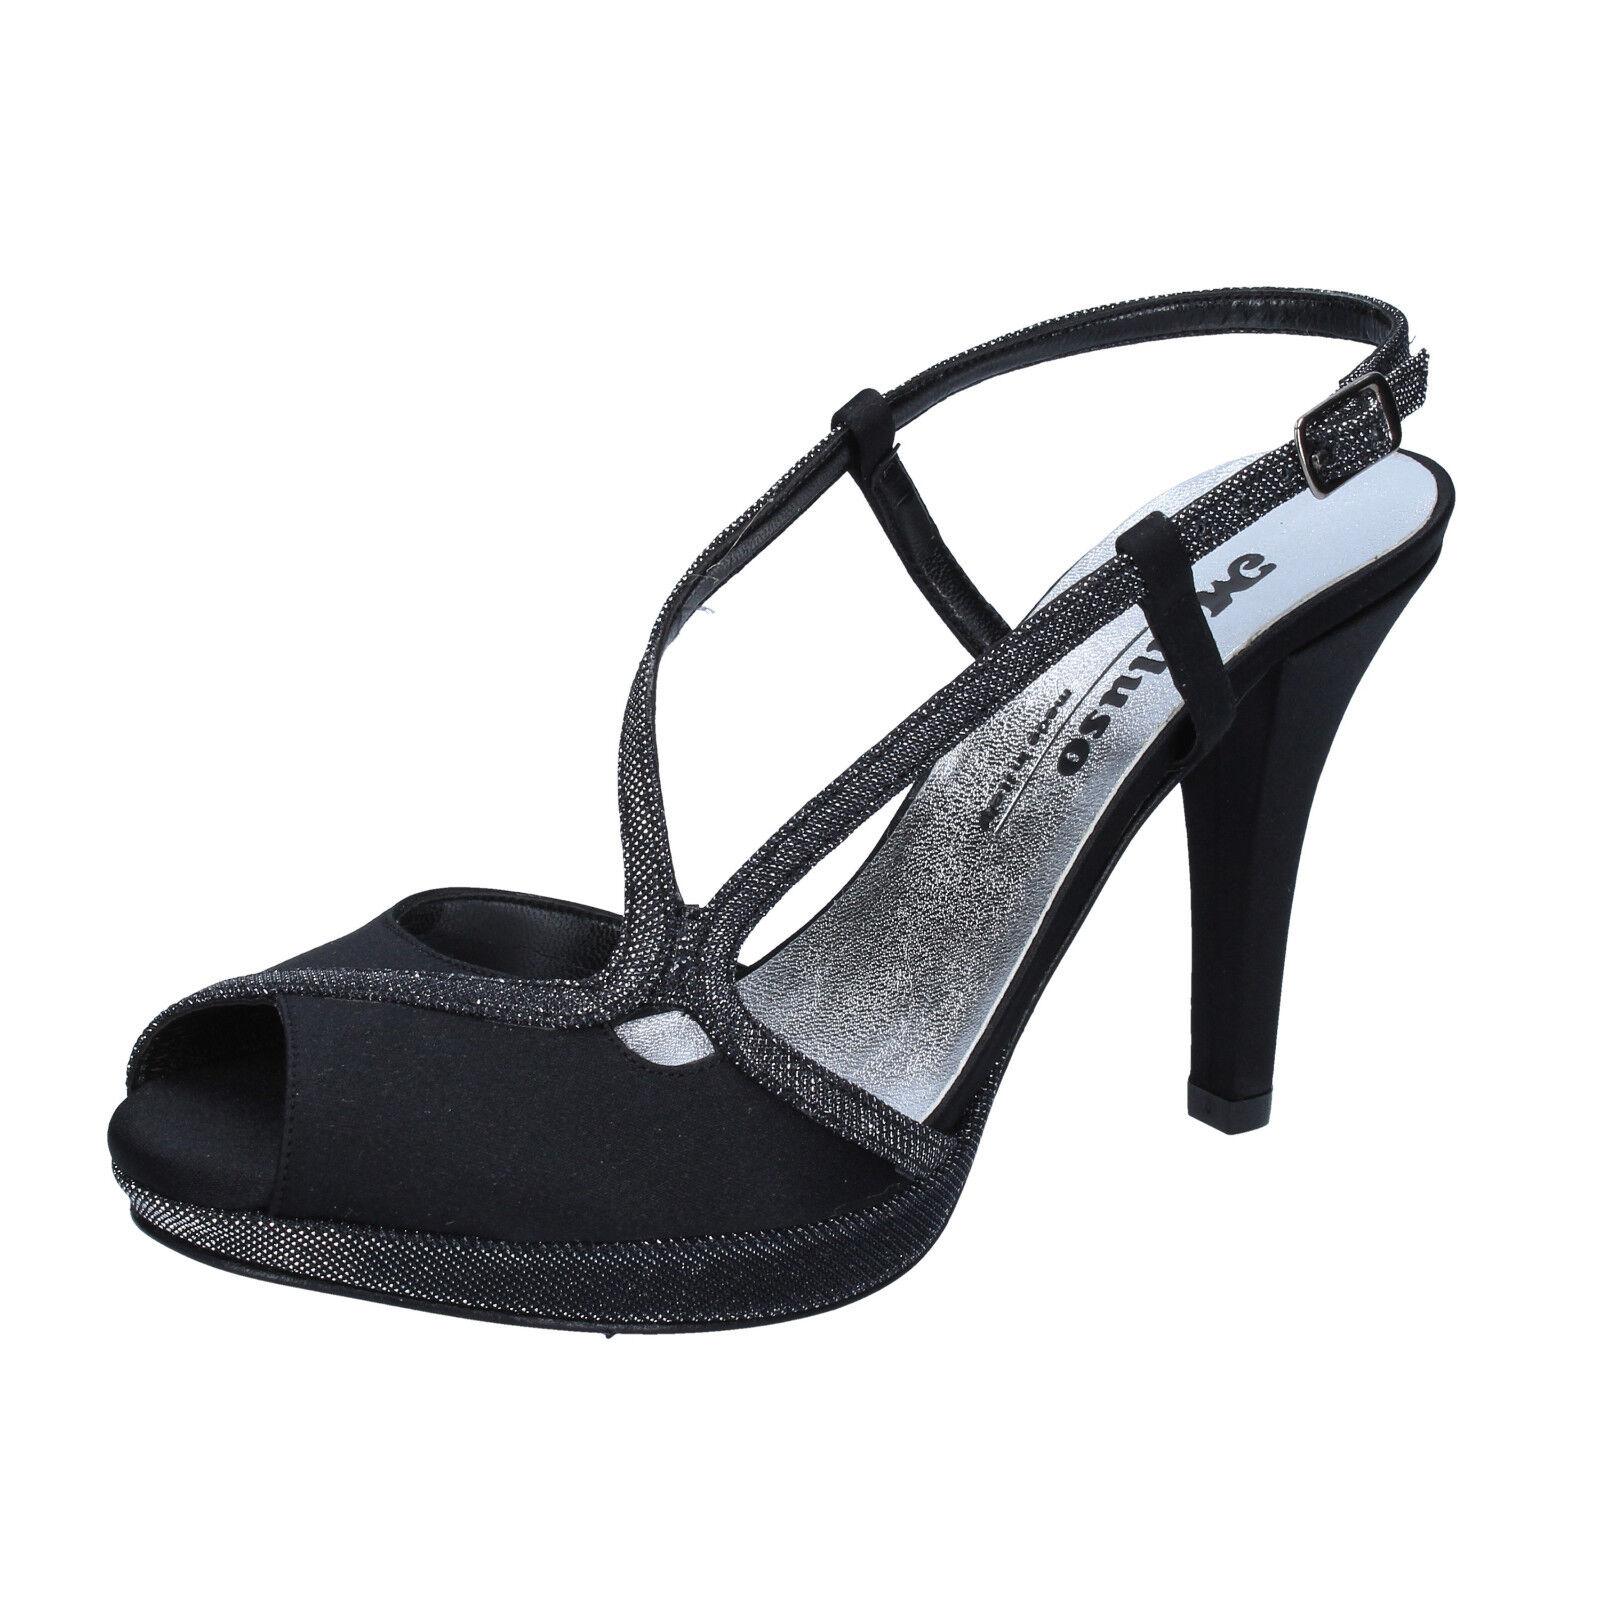 Scarpe donna sandali MELLUSO 39 EU sandali donna nero raso BZ789-F da4096